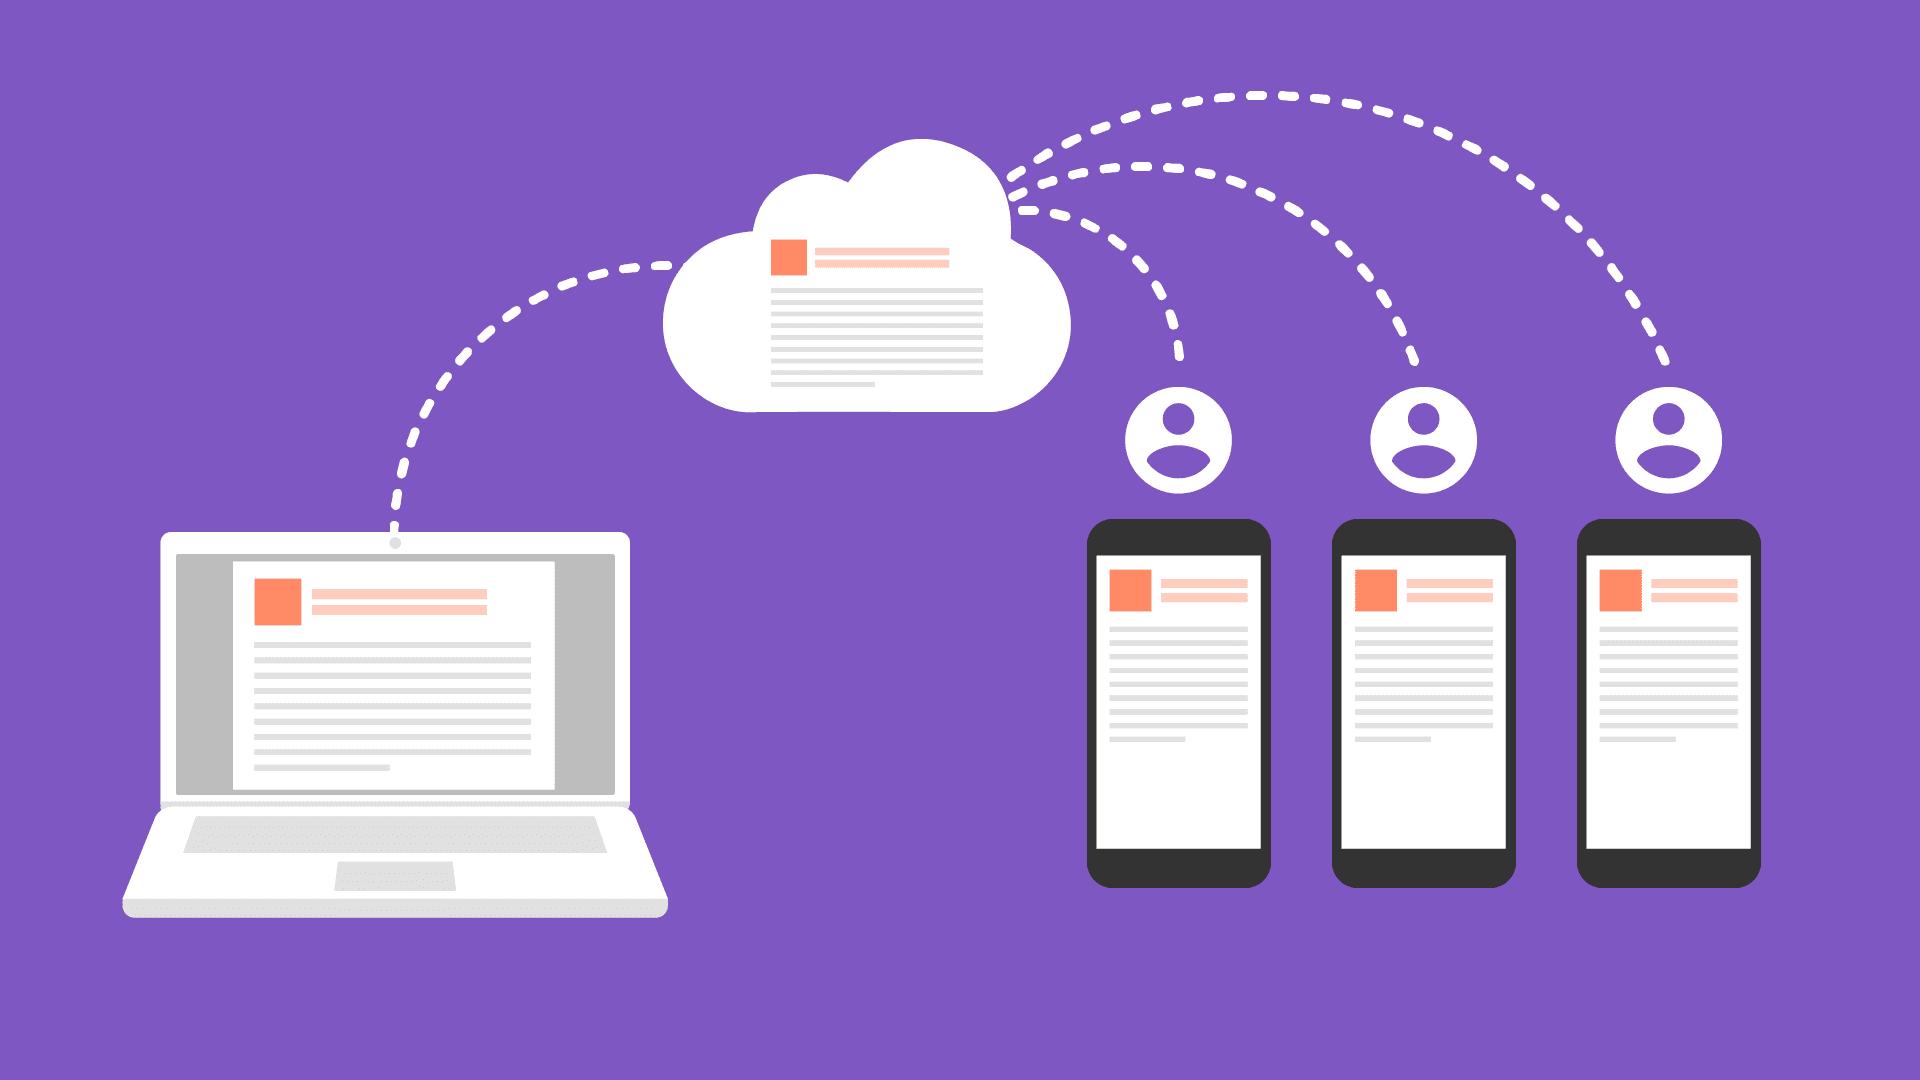 Illustration de la synchronisation des données cloud avec les clients